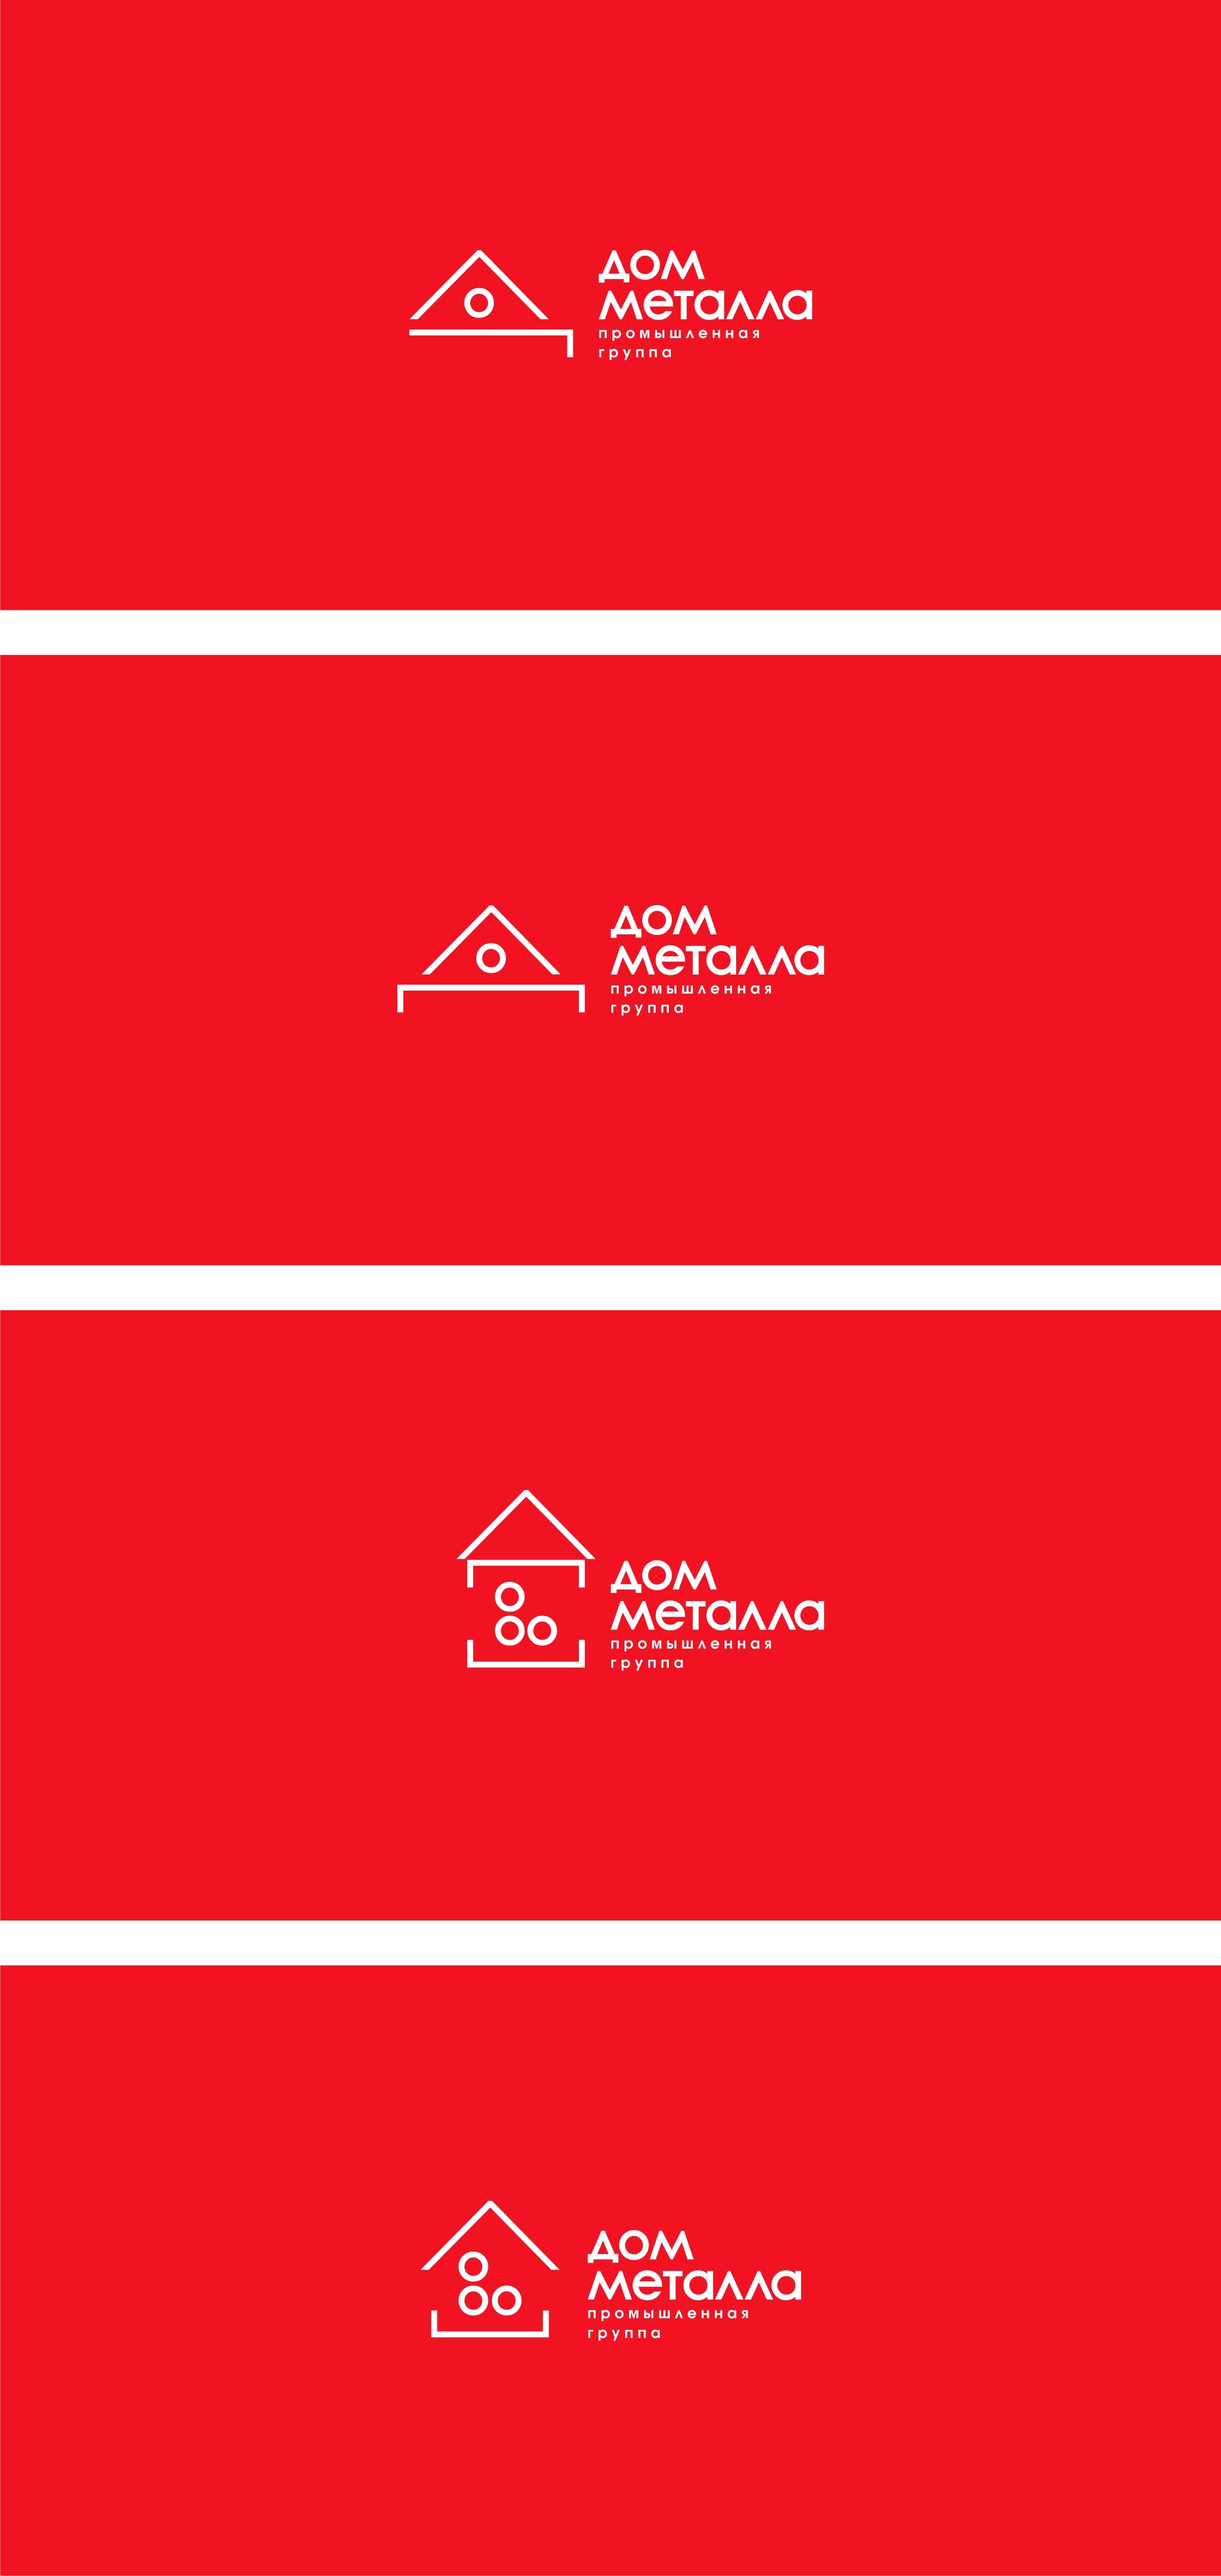 Разработка логотипа фото f_9725c5c62ccc4c46.jpg